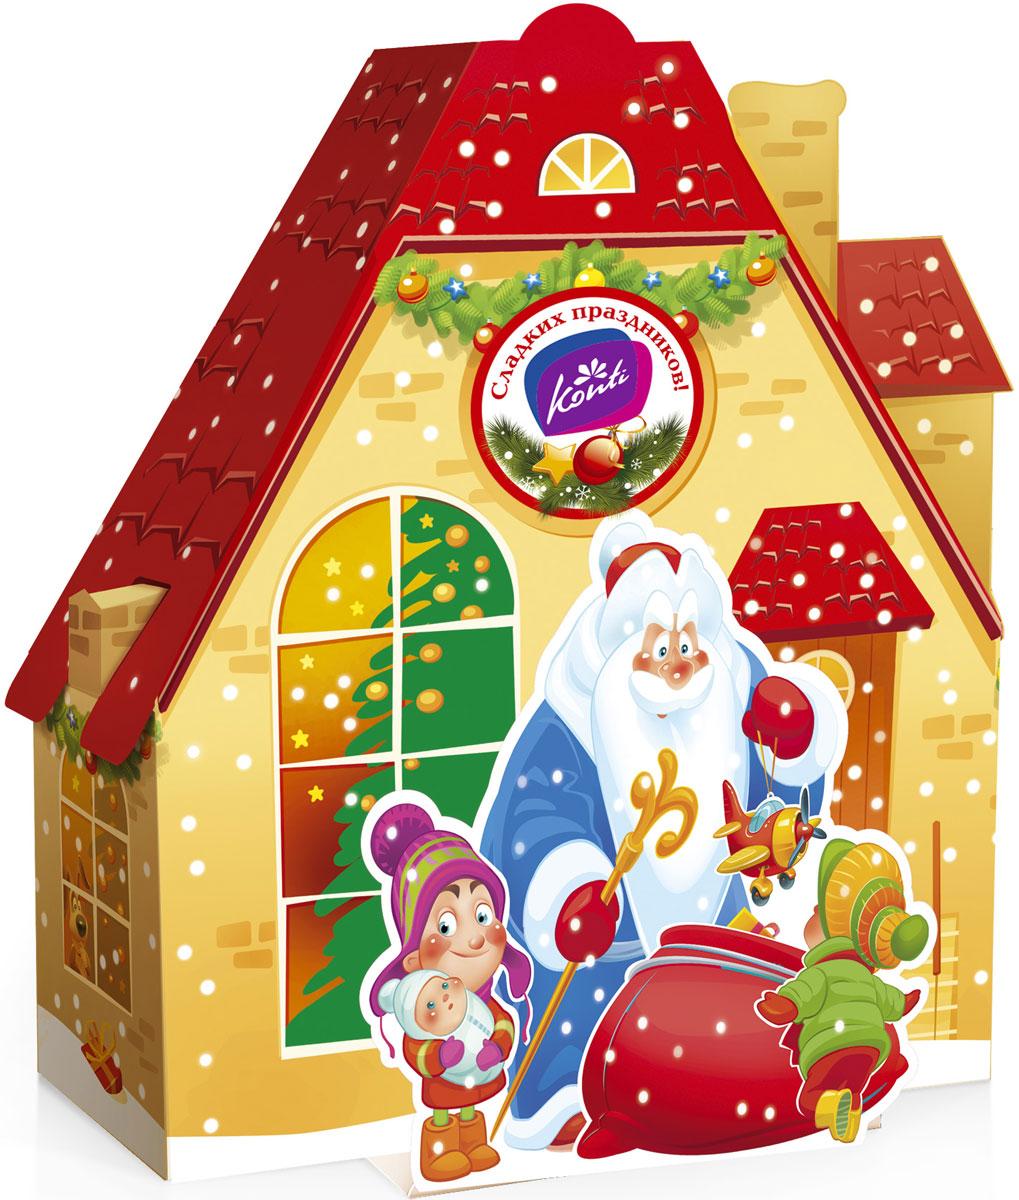 Konti Марьино новогодний подарок, 700 г4600495541406Новогодний подарок